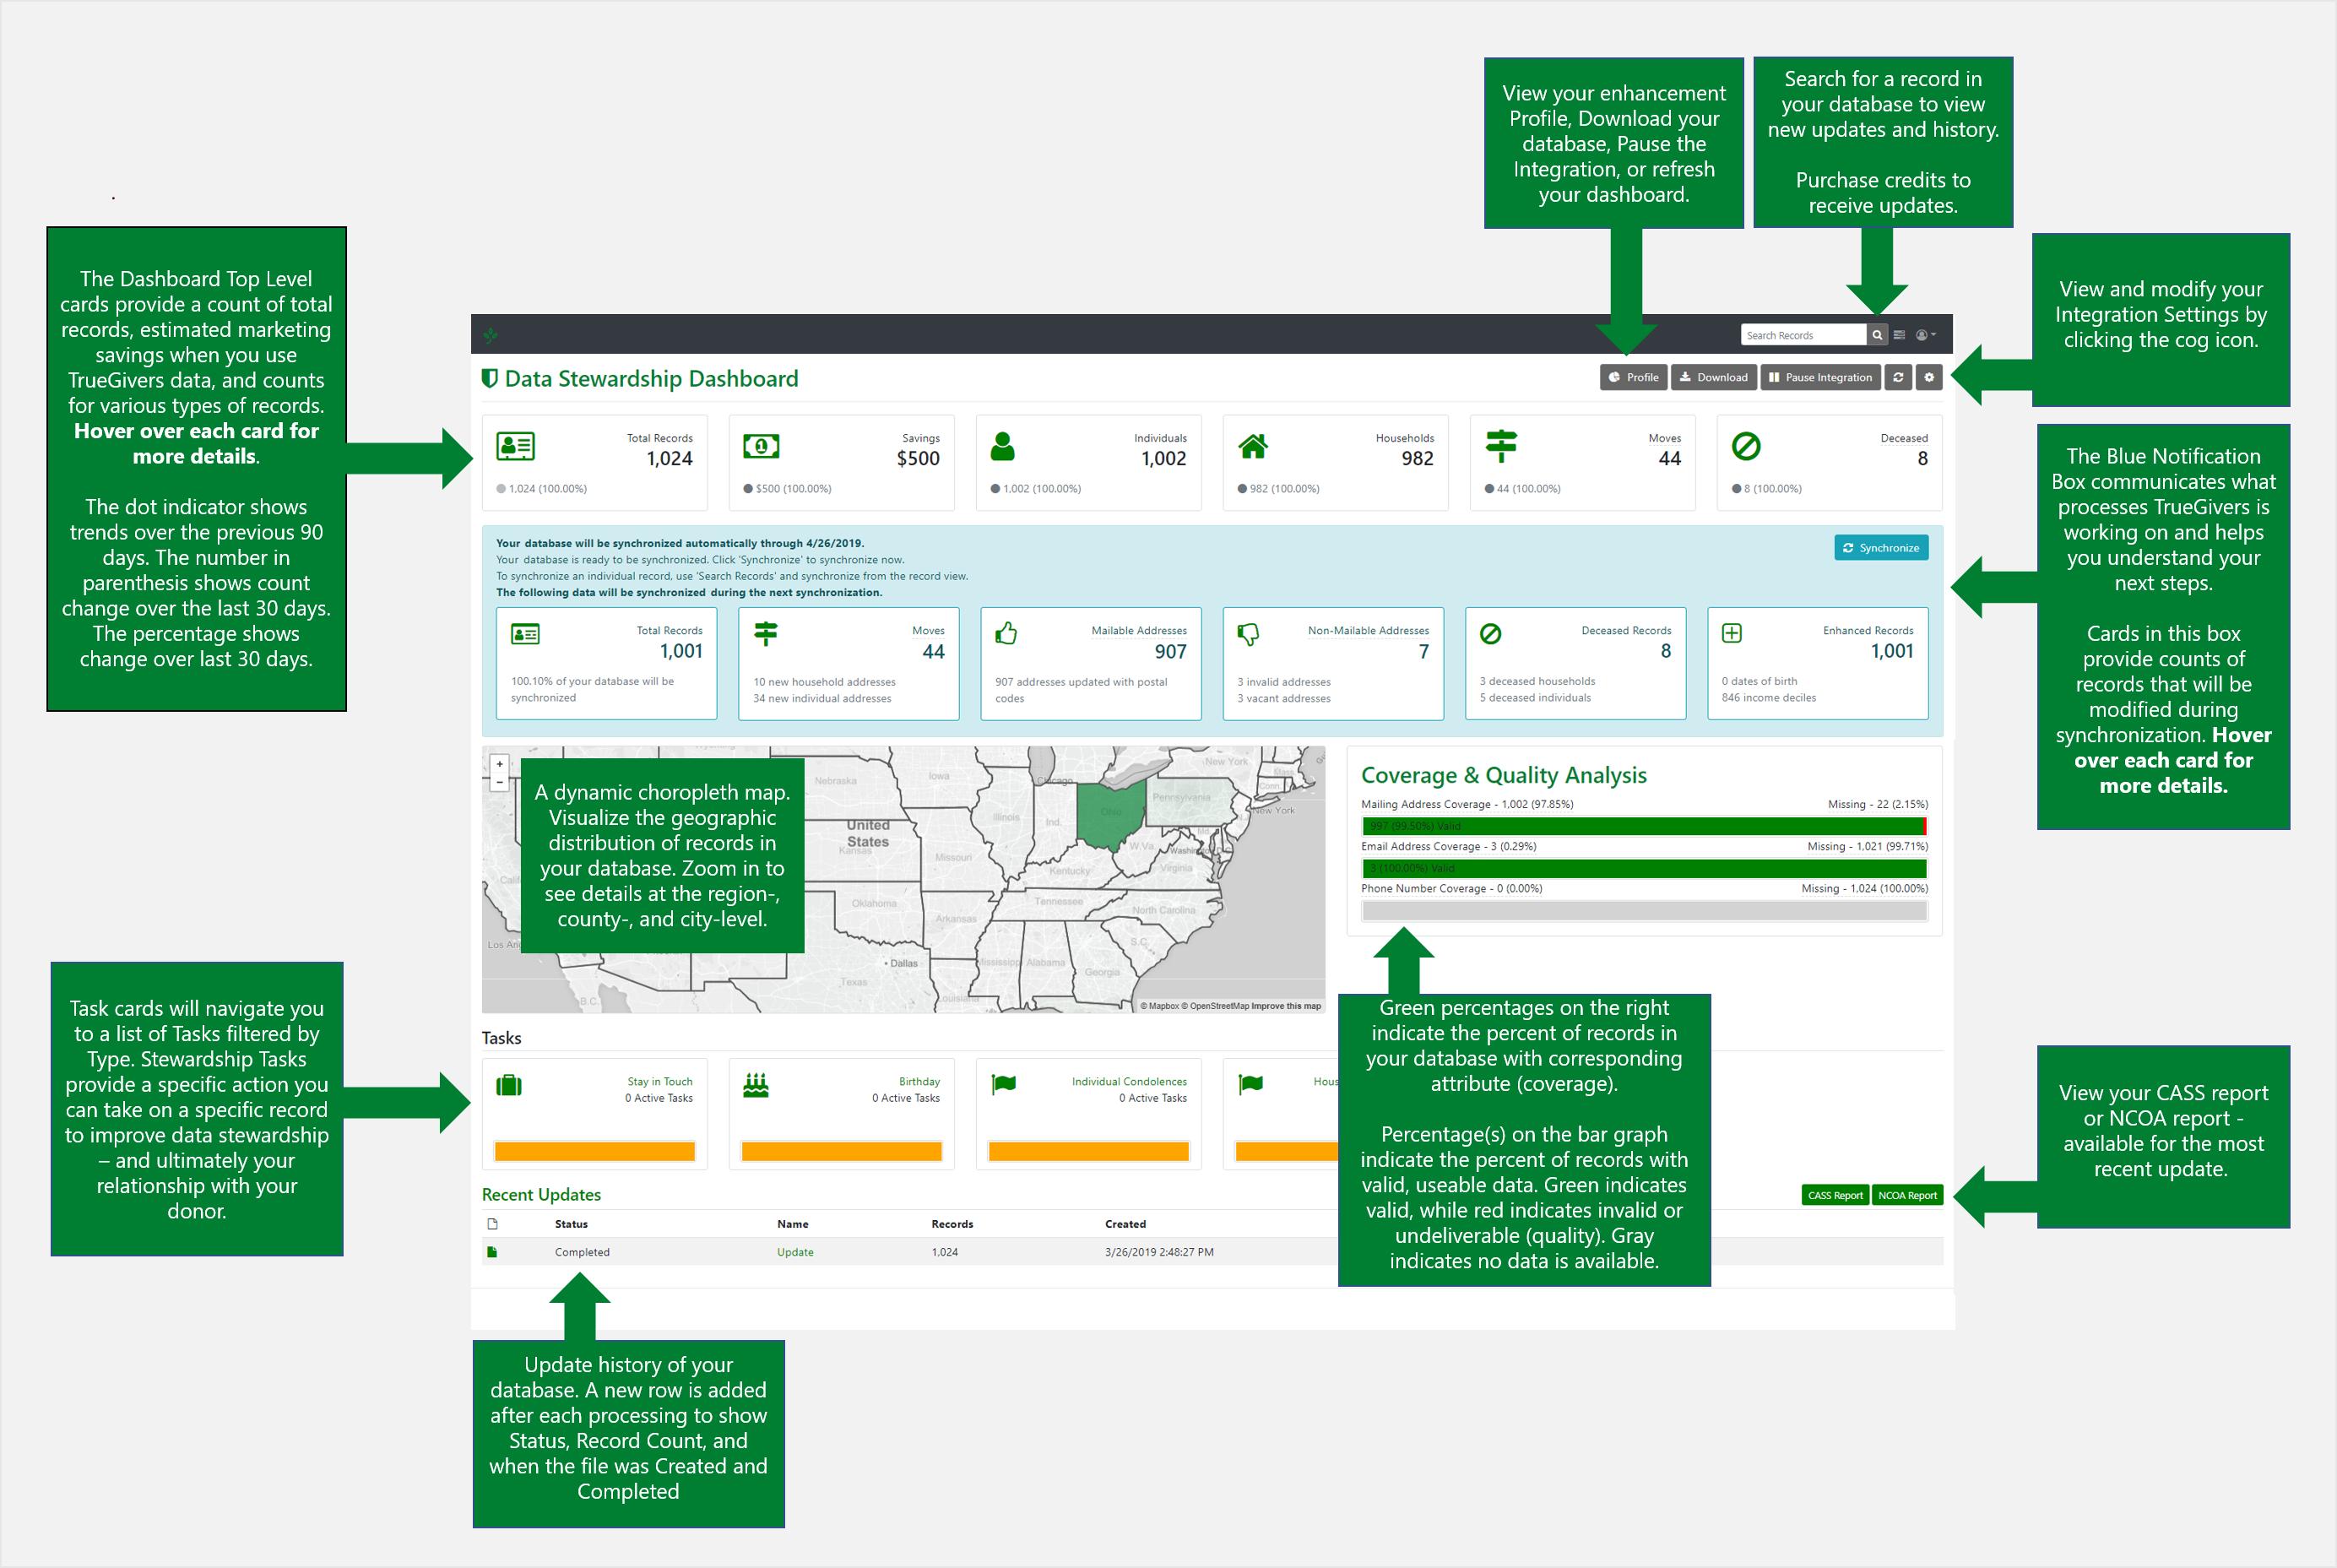 Data Stewardship Dashboard